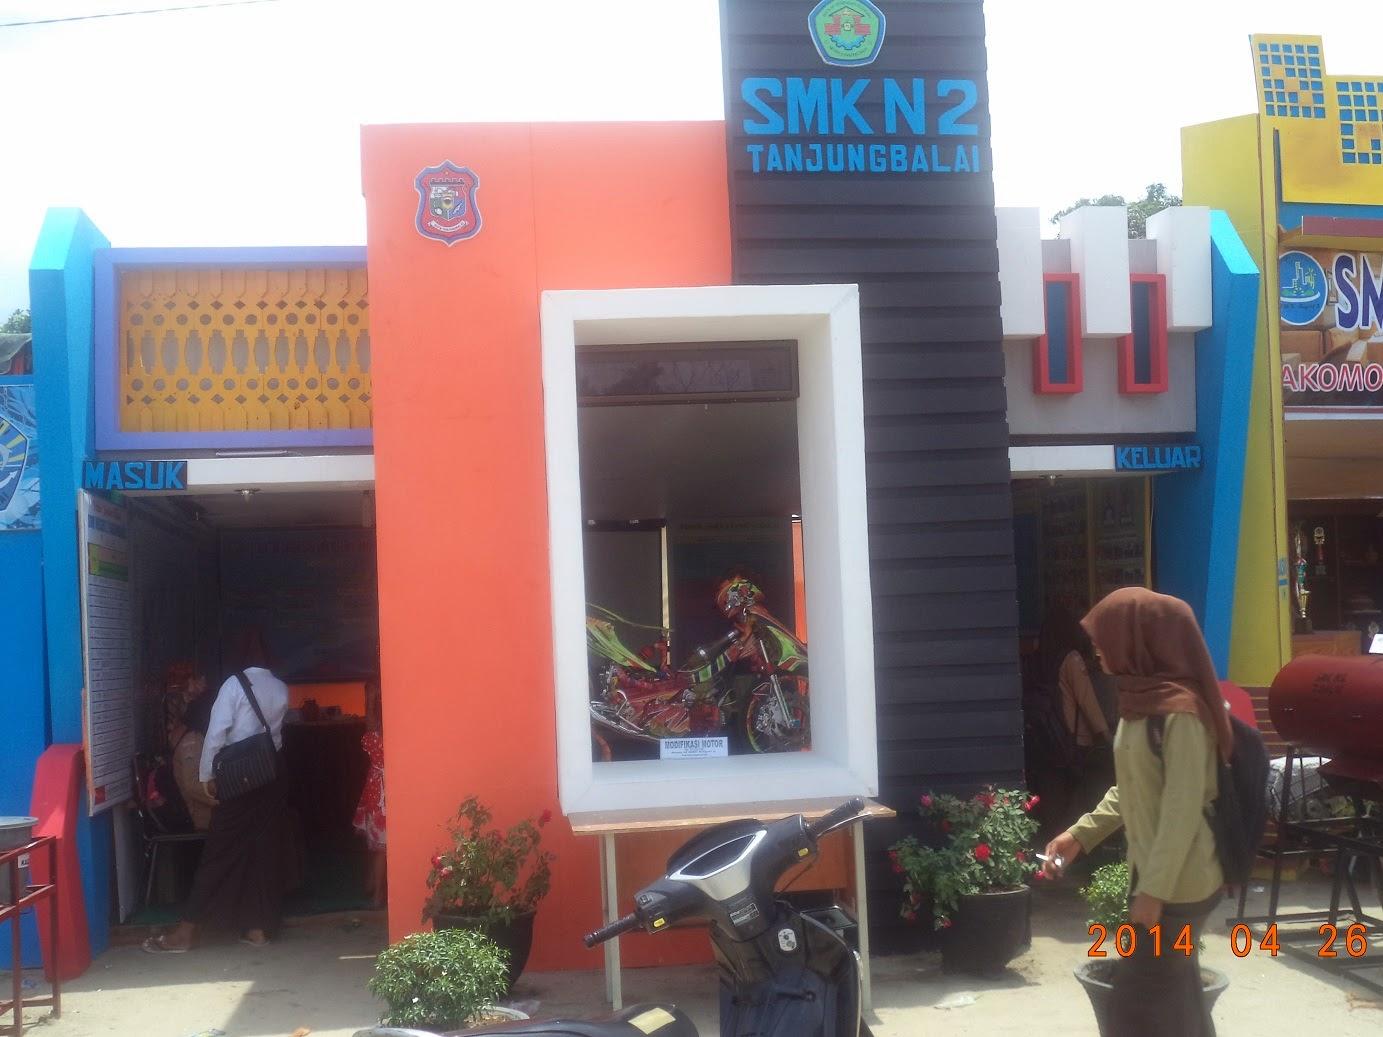 Stand SMKN 2 Tanjungbalai